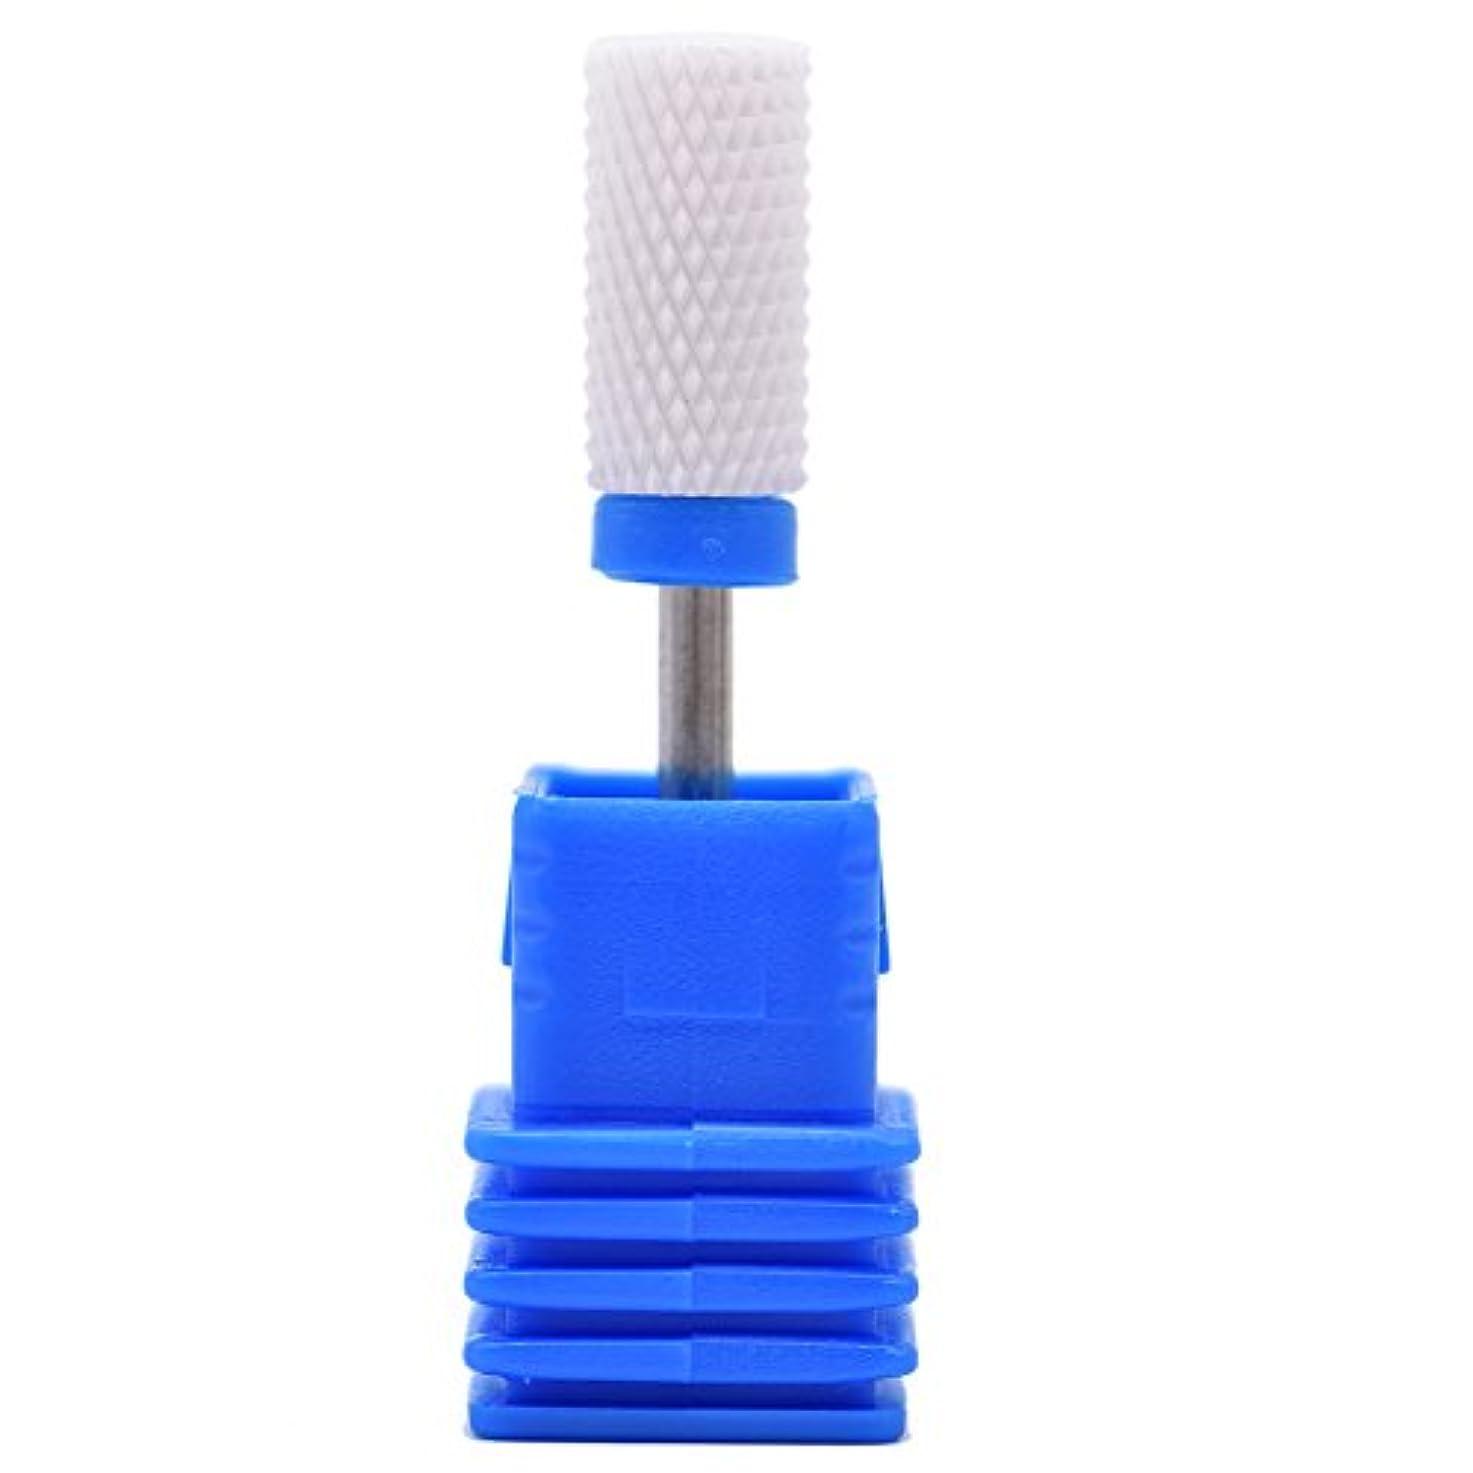 寝てるバッテリー流用するOral Dentistry ネイルアートドリルビット研削ヘッド研磨ヘッドネイルグラインドヘッド爪磨き研磨研削セラミック全3色(ブルーM(中仕上げ))